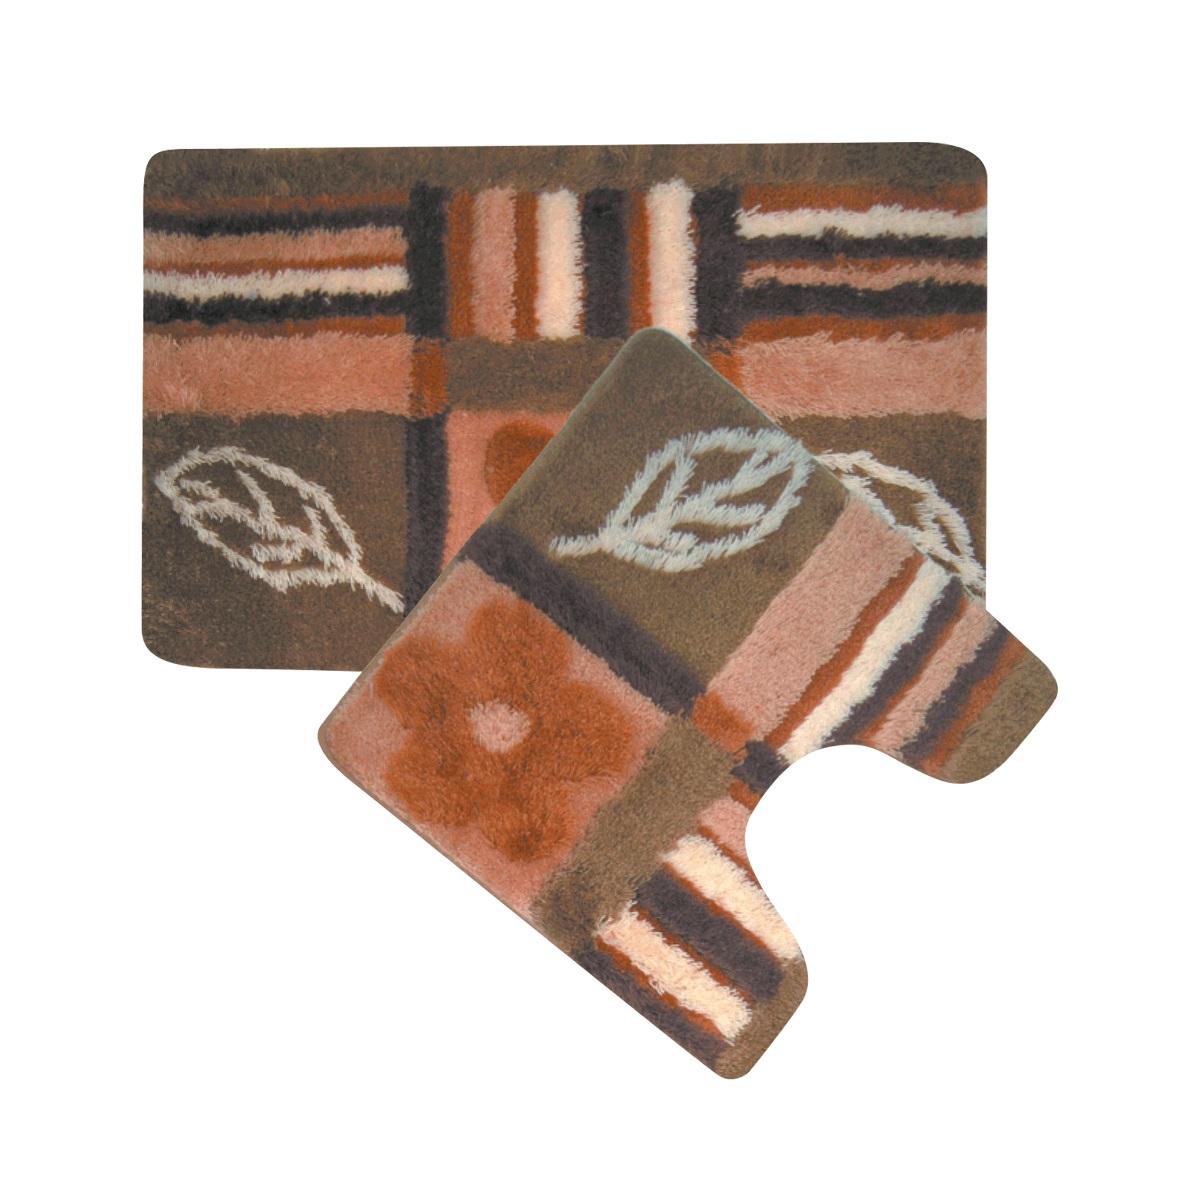 Набор ковриков для ванной Iddis Nature Solo, цвет: коричневый, 50 х 80 см, 50 х 50 см, 2 штMID130ASНабор ковриков для ванной комнаты и туалета Iddis выполнен из акрила. Коврики имеют специальную латексную основу, благодаря которой они не скользят на напольных покрытия в ванной, что обеспечивает безопасность во время использования. Коврики изготавливаются по специальным технологиям машинного ручного тафтинга, что гарантирует высокое качество и долговечность.Высота ворса: от 1,5 до 2,5 см.